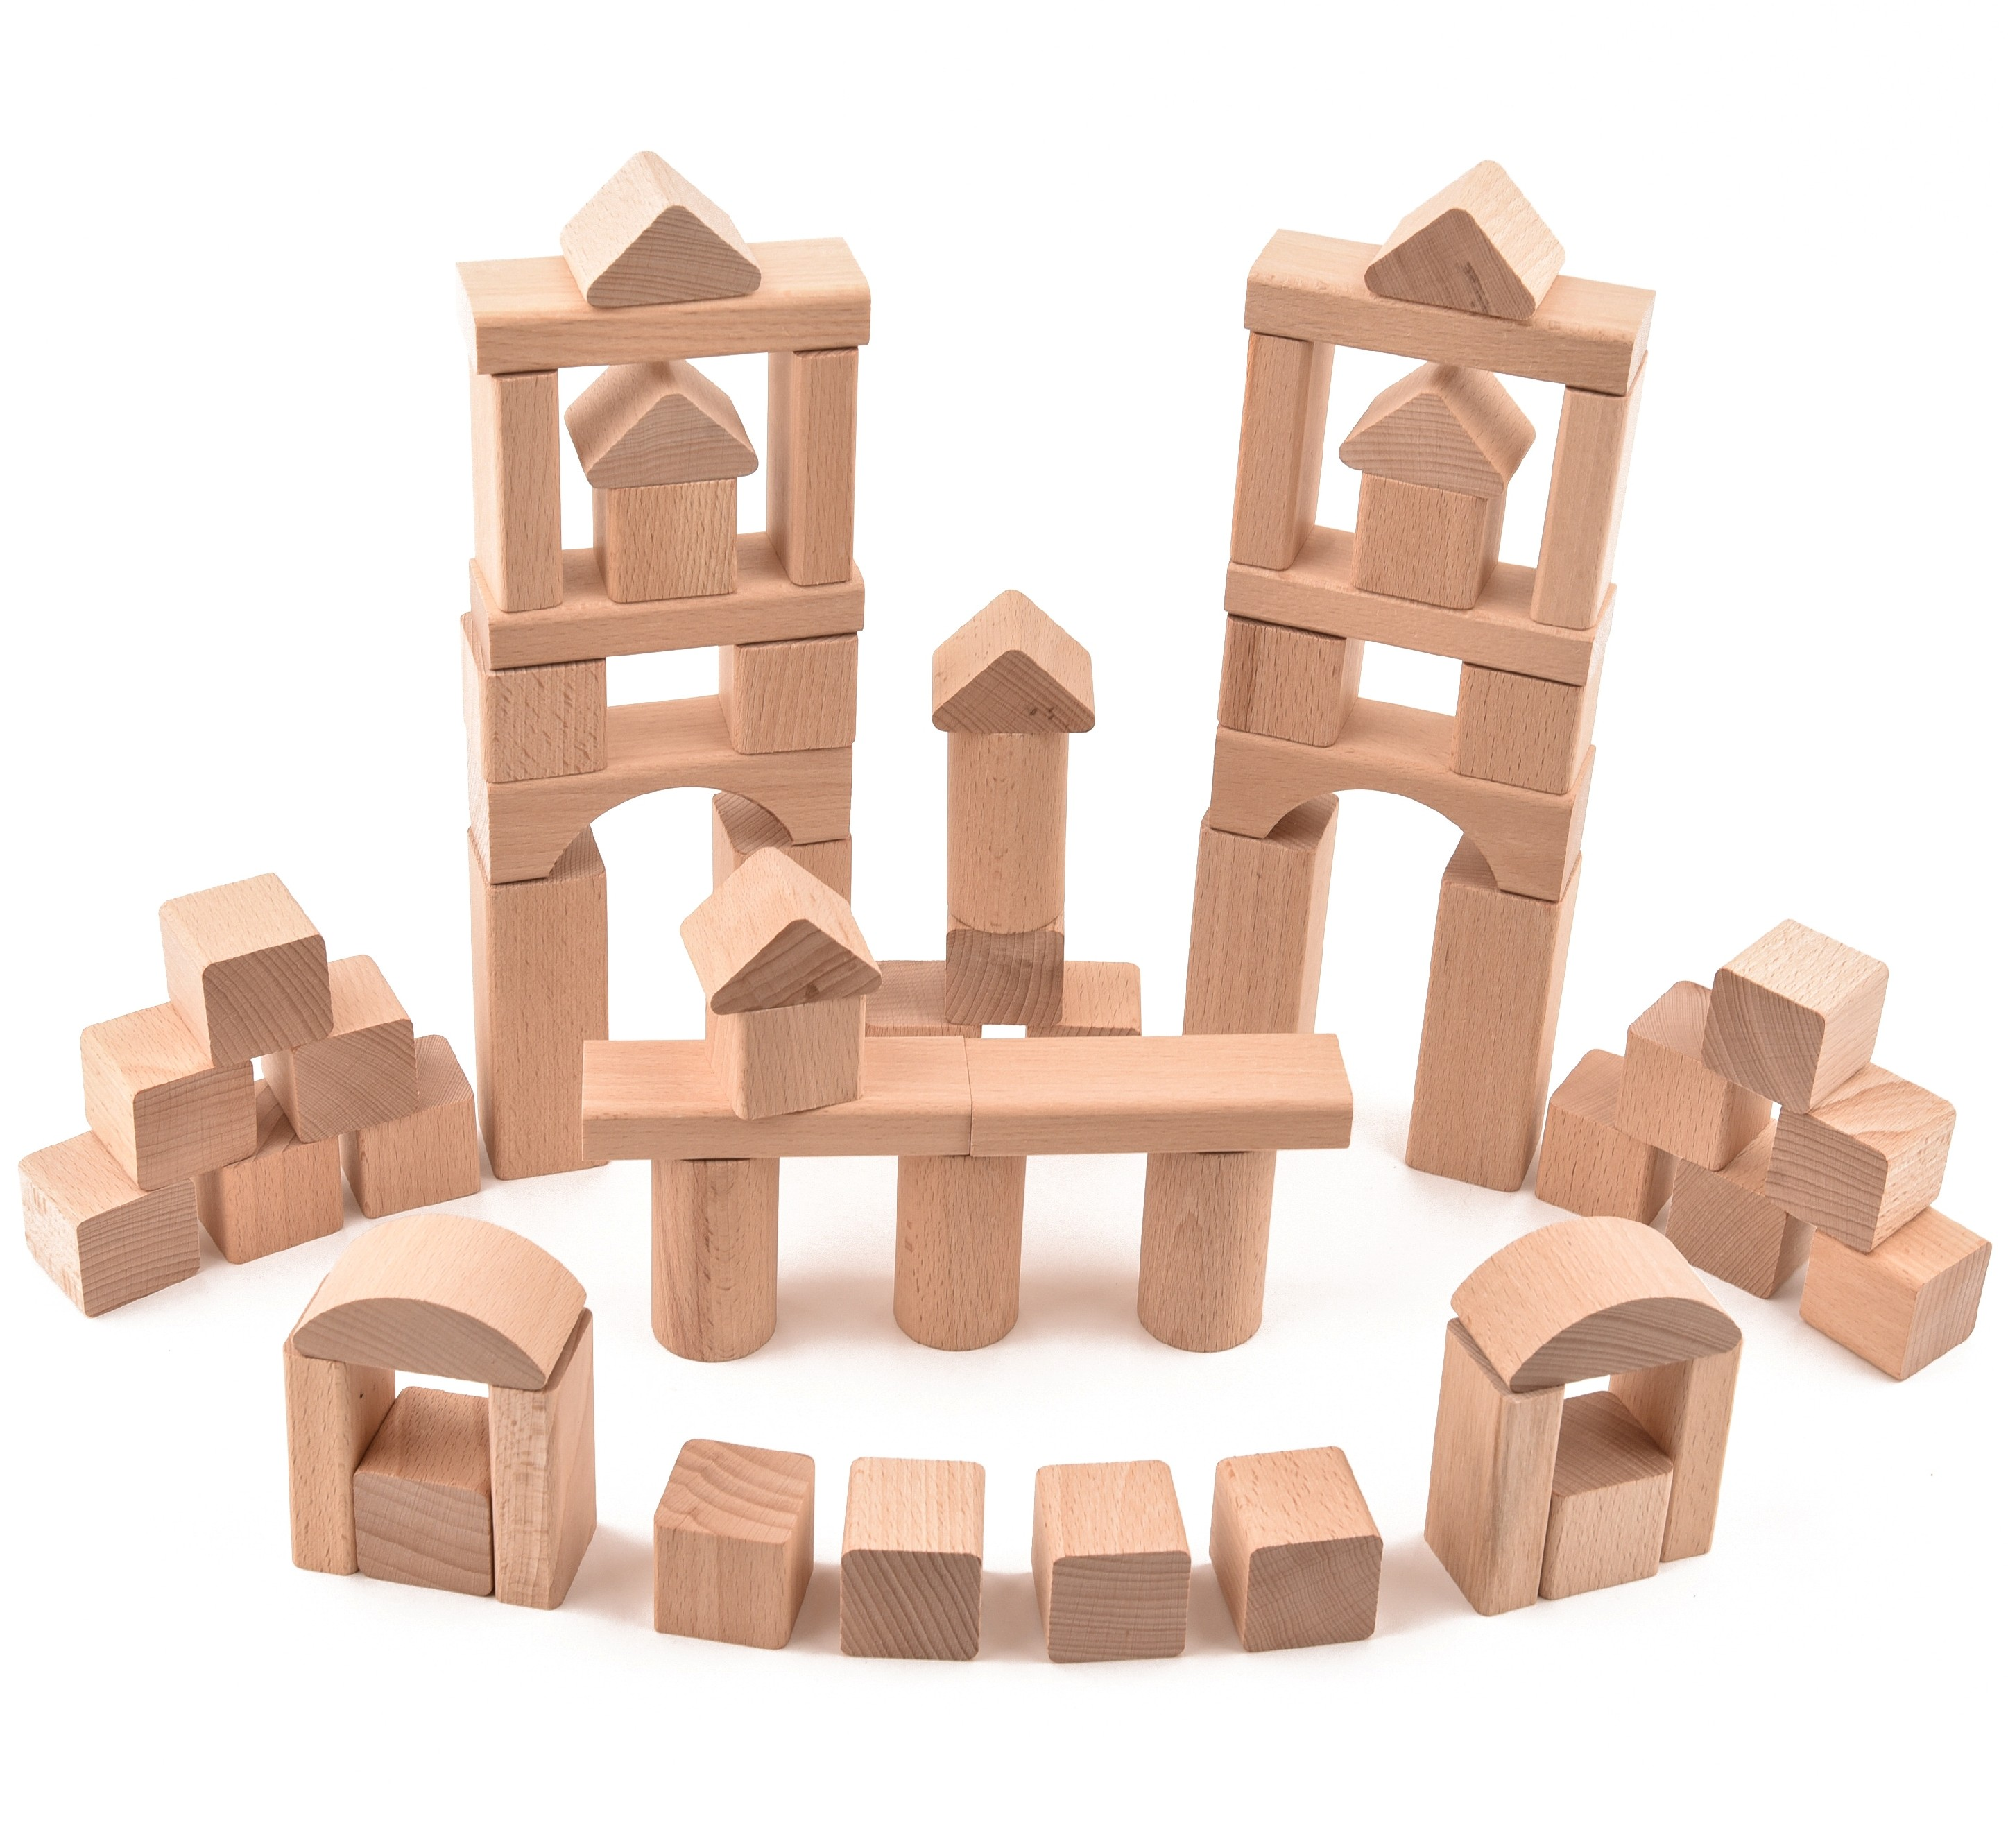 VictorCube Dřevěná stavebnice - 62 ks komponentů (+ pytlík)